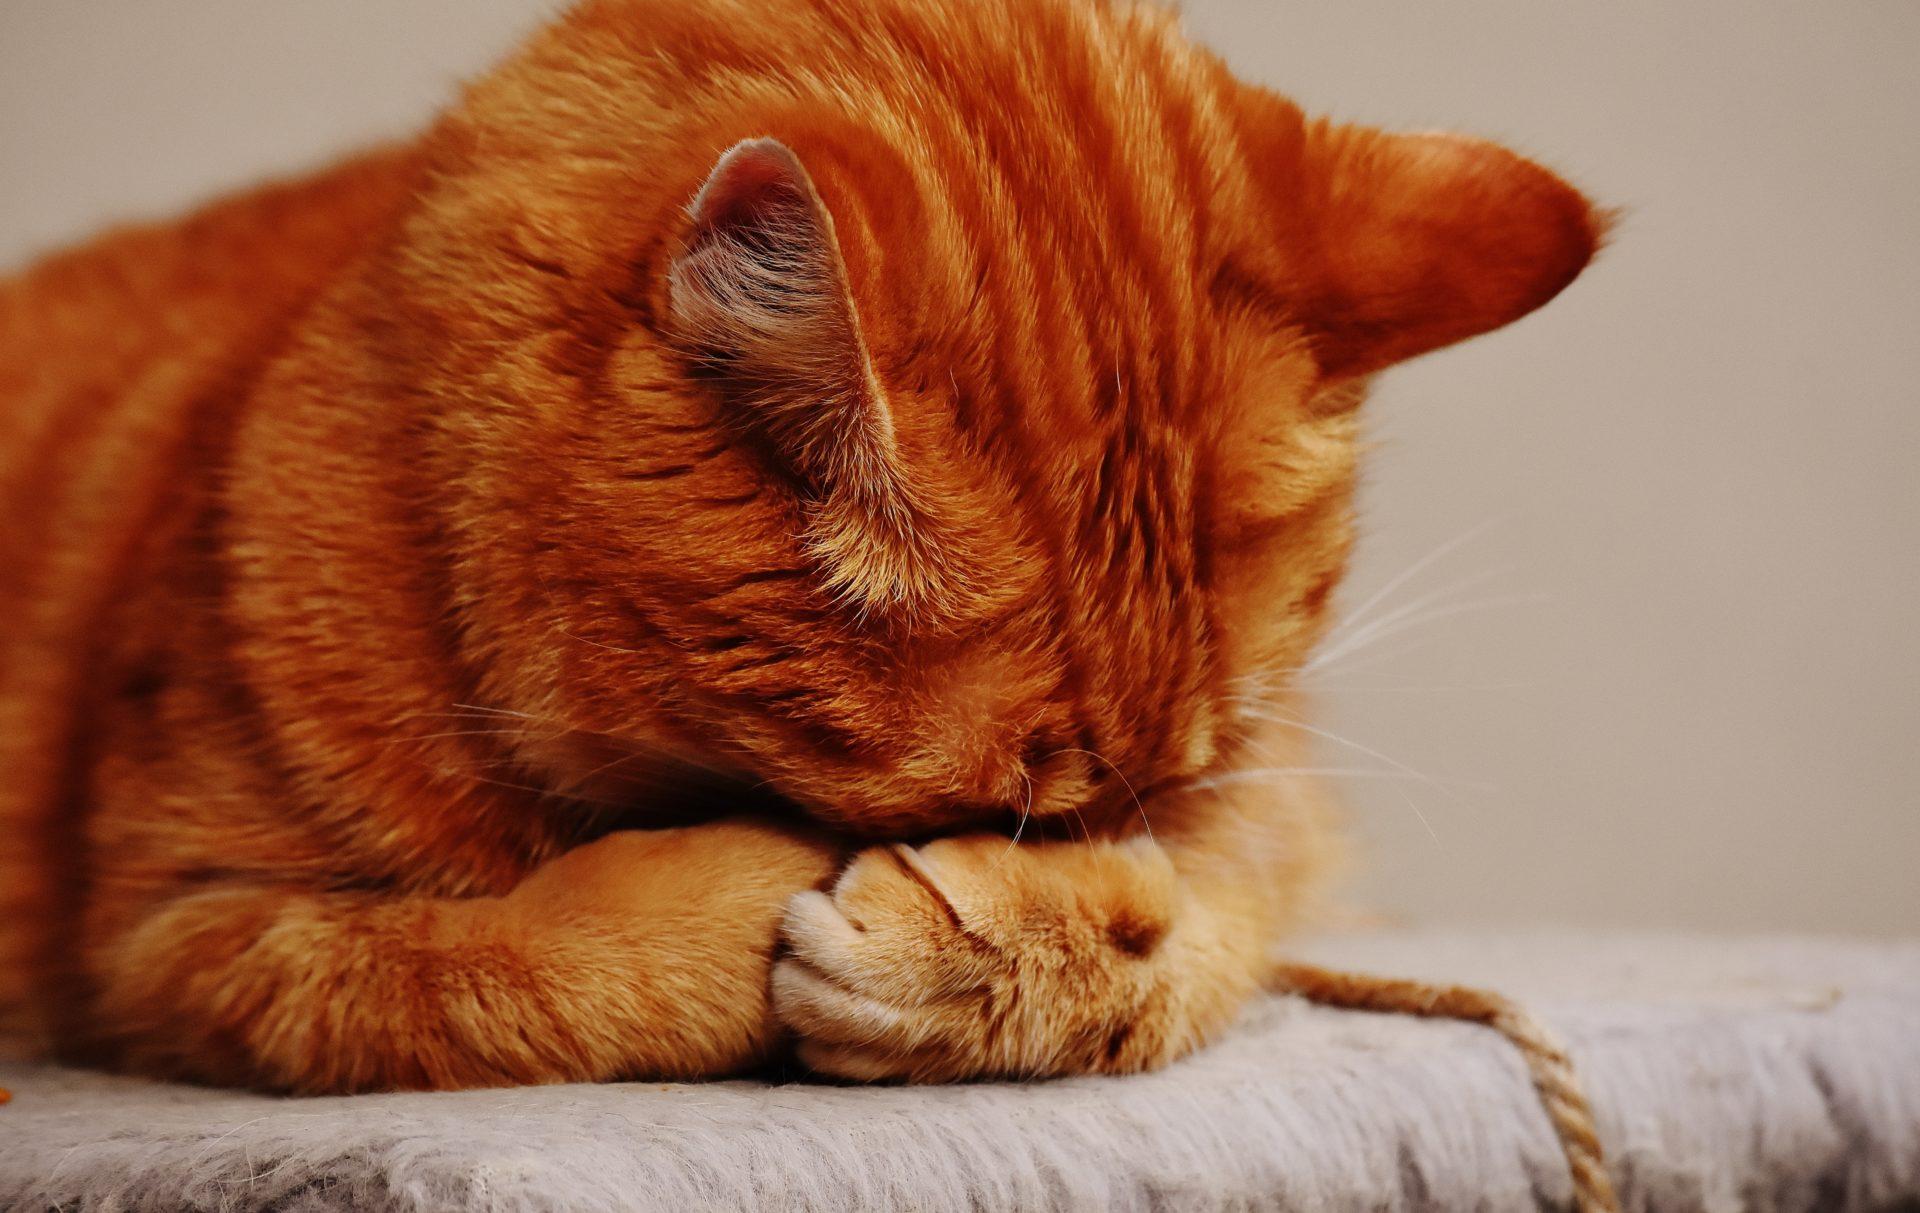 Кошки могут подцепить коронавирус от хозяина через постель